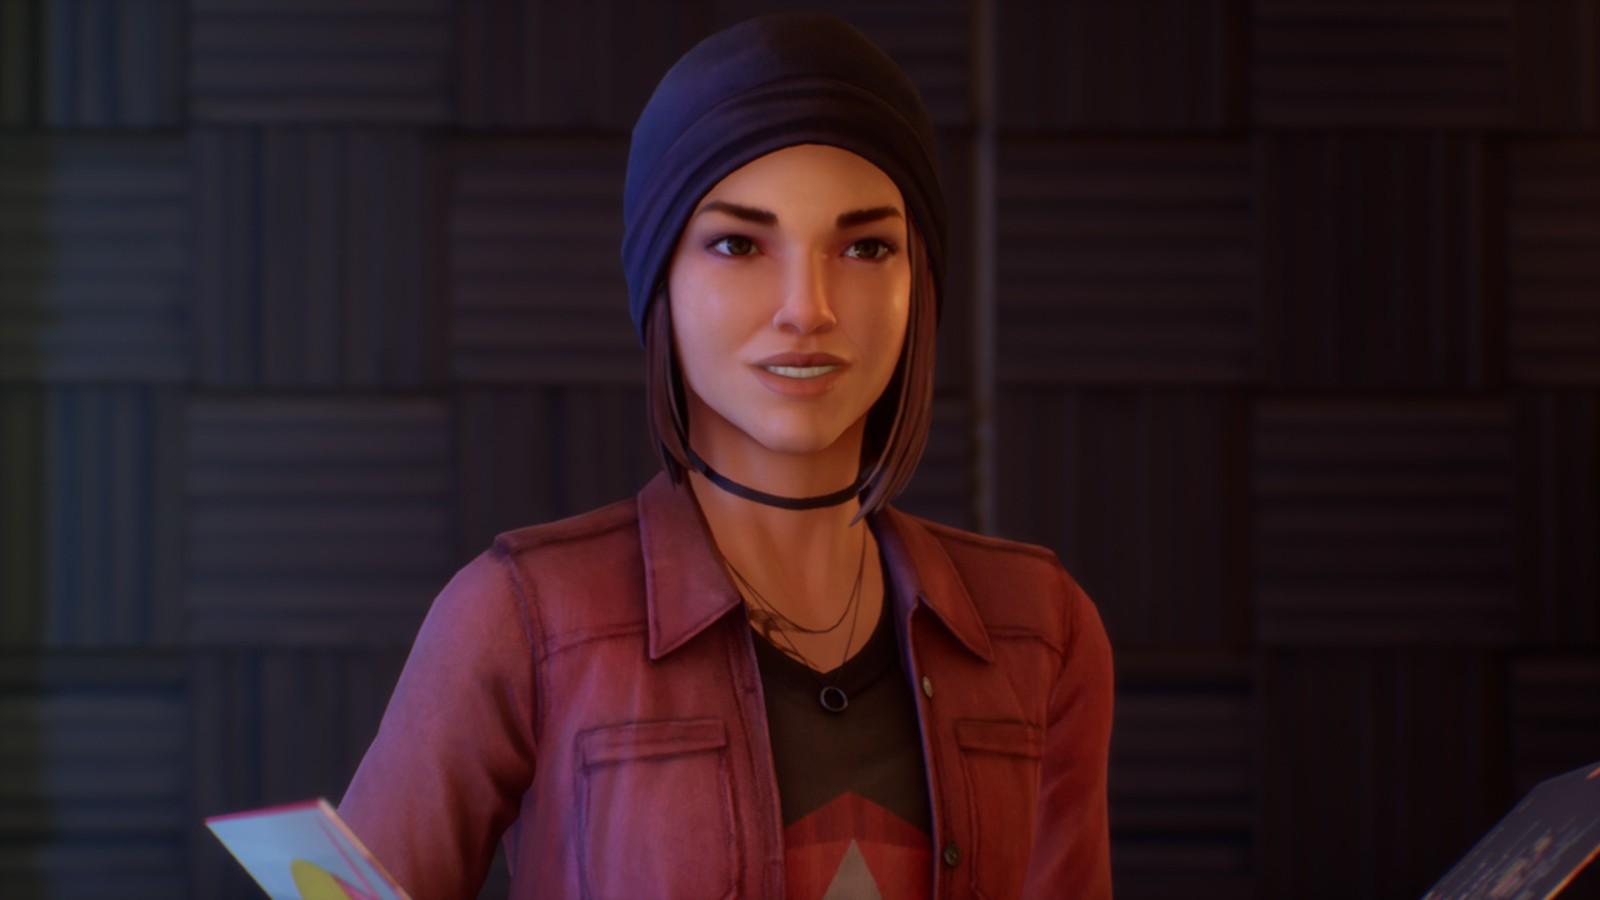 《奇异人生:本色》前传剧情 波长DLC预告片发布